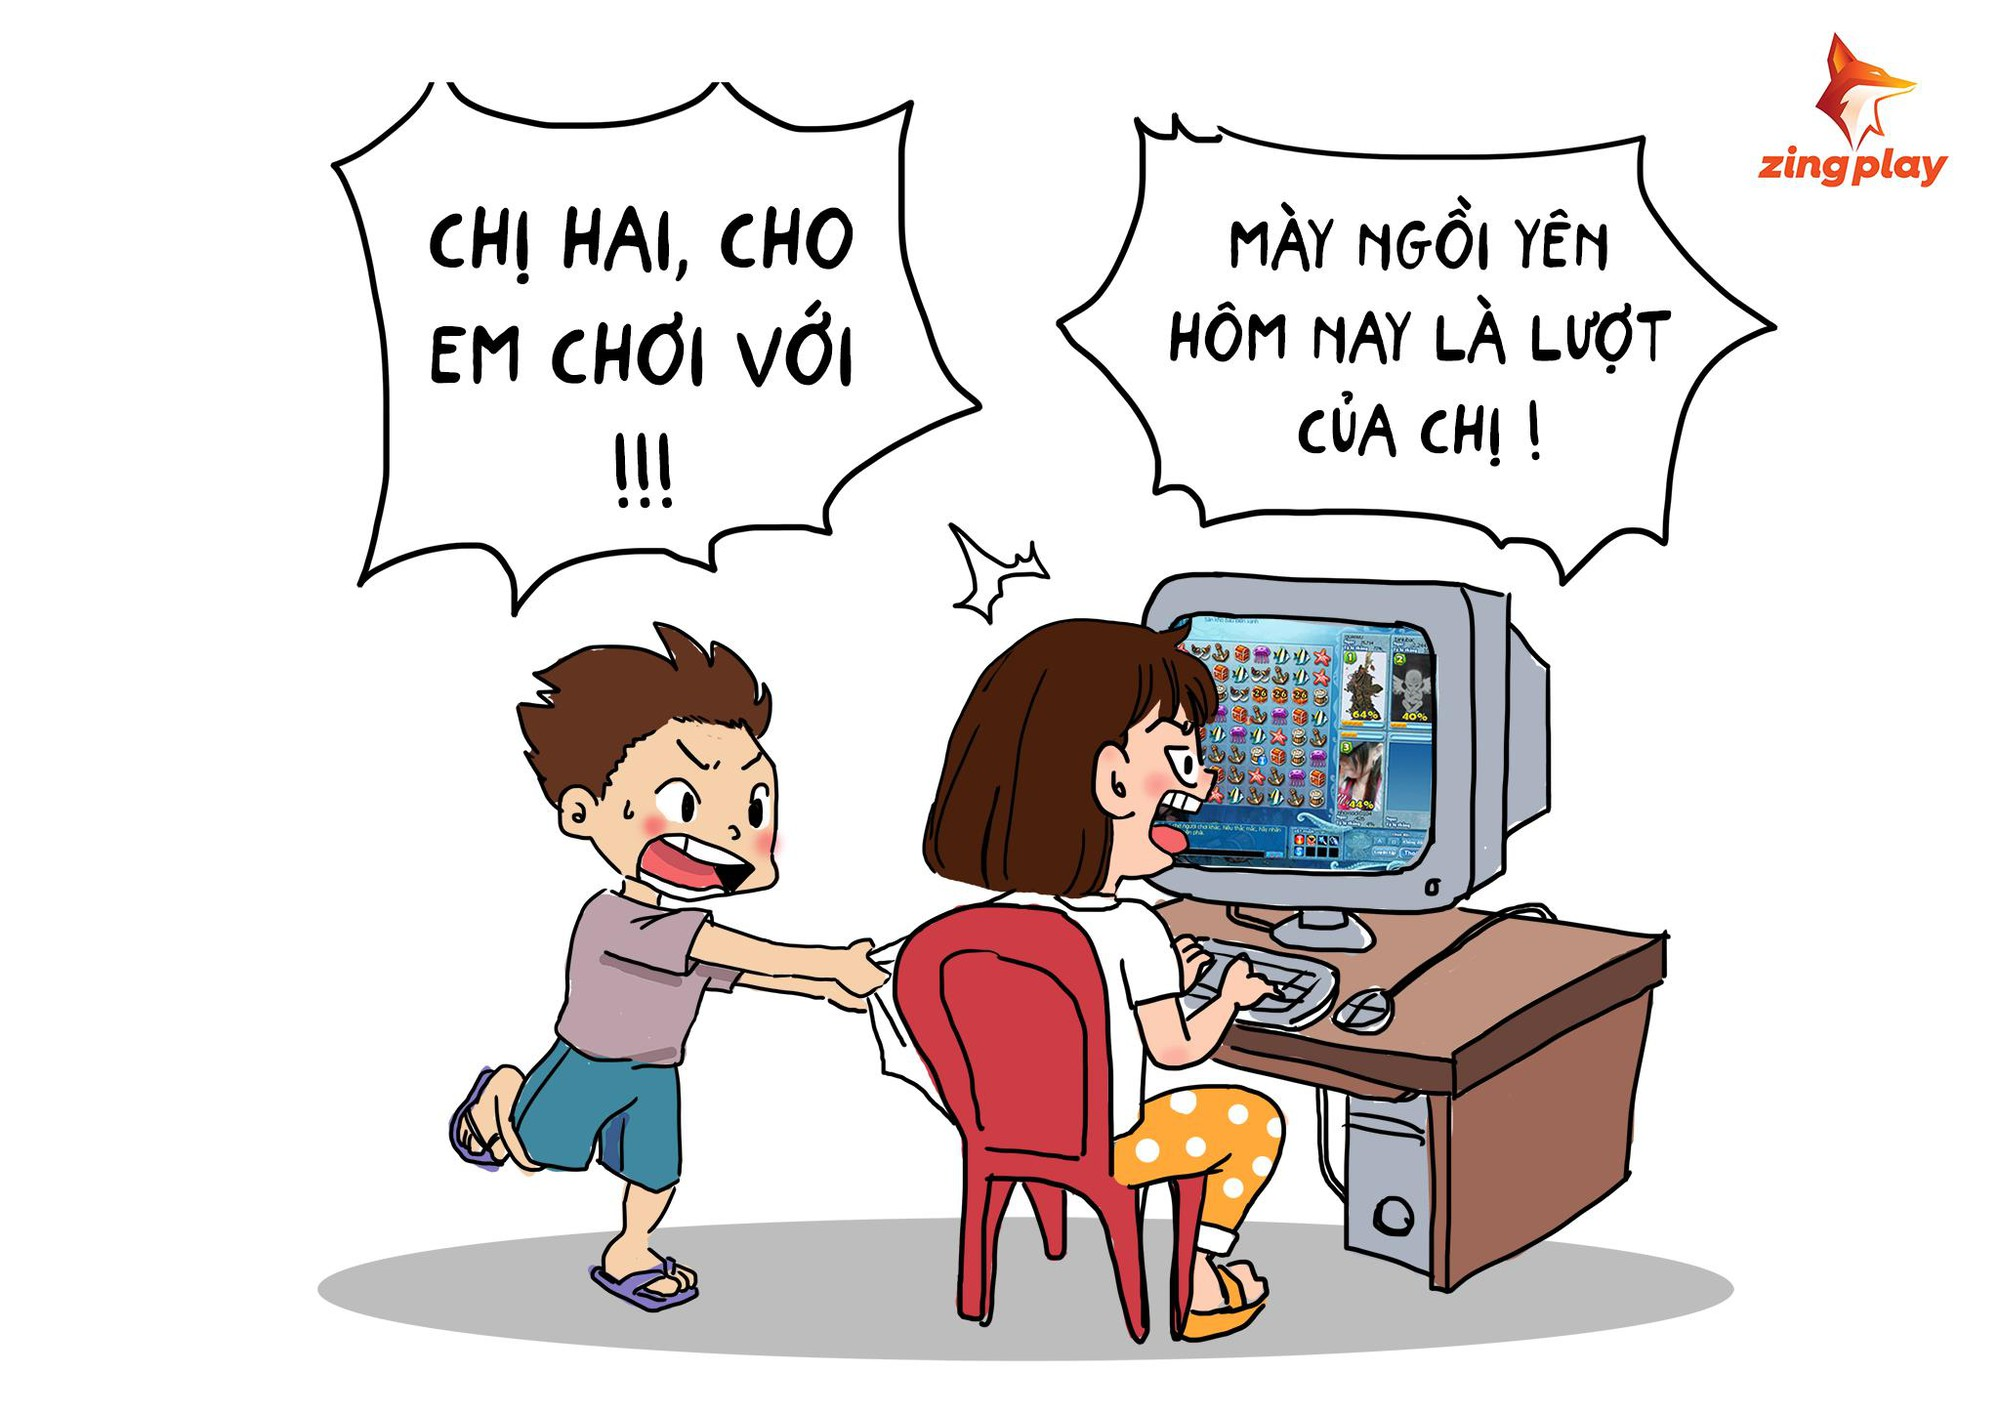 """Nhìn lại """"tuổi thơ dữ dội"""" của game thủ Việt bên cổng game giải trí ZingPlay - Ảnh 1."""